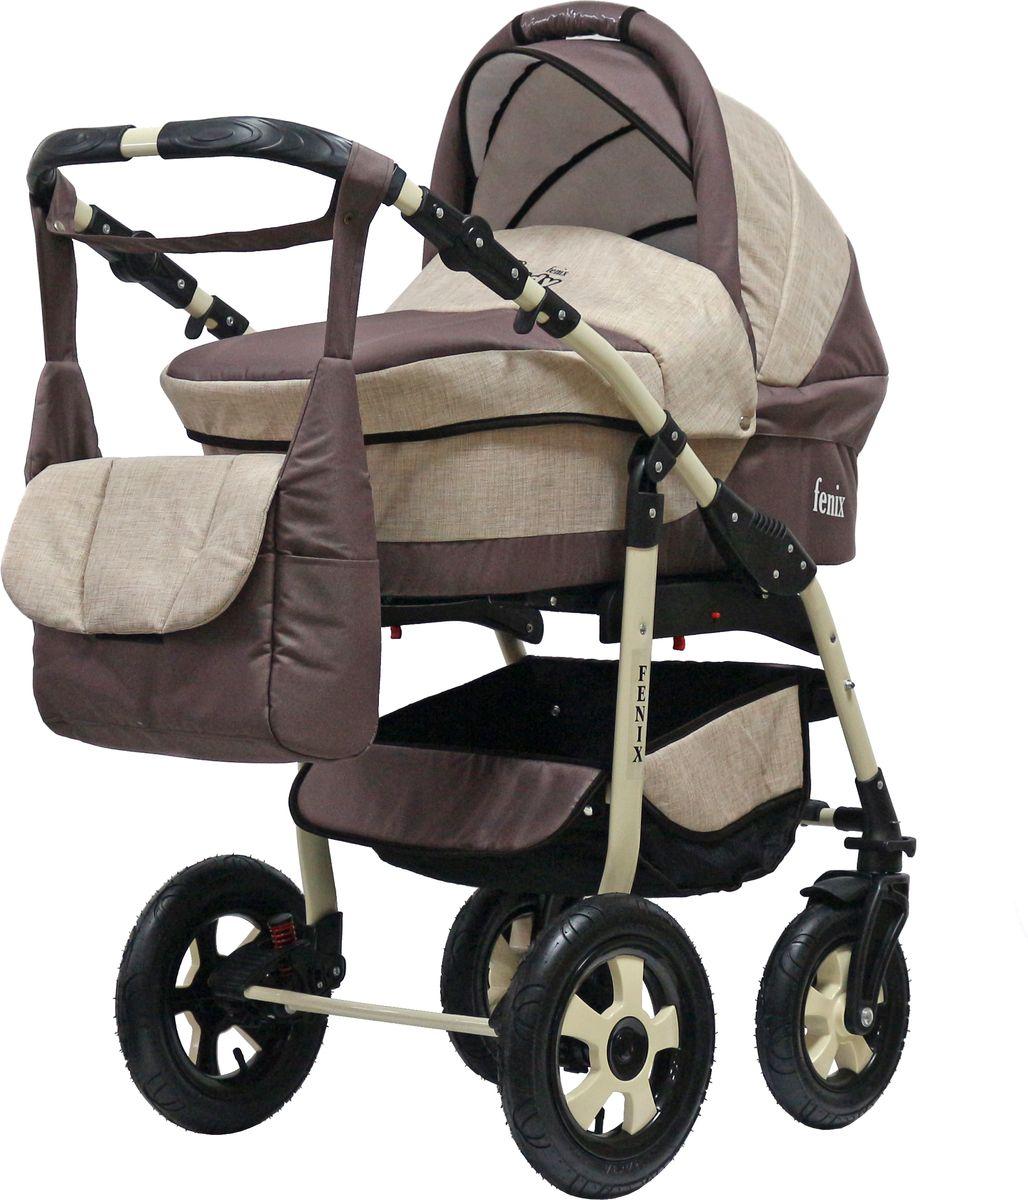 Teddy Коляска 2 в 1 Fenix Len цвет бежевый коричневый teddy коляска 2 в 1 giovani цвет серый